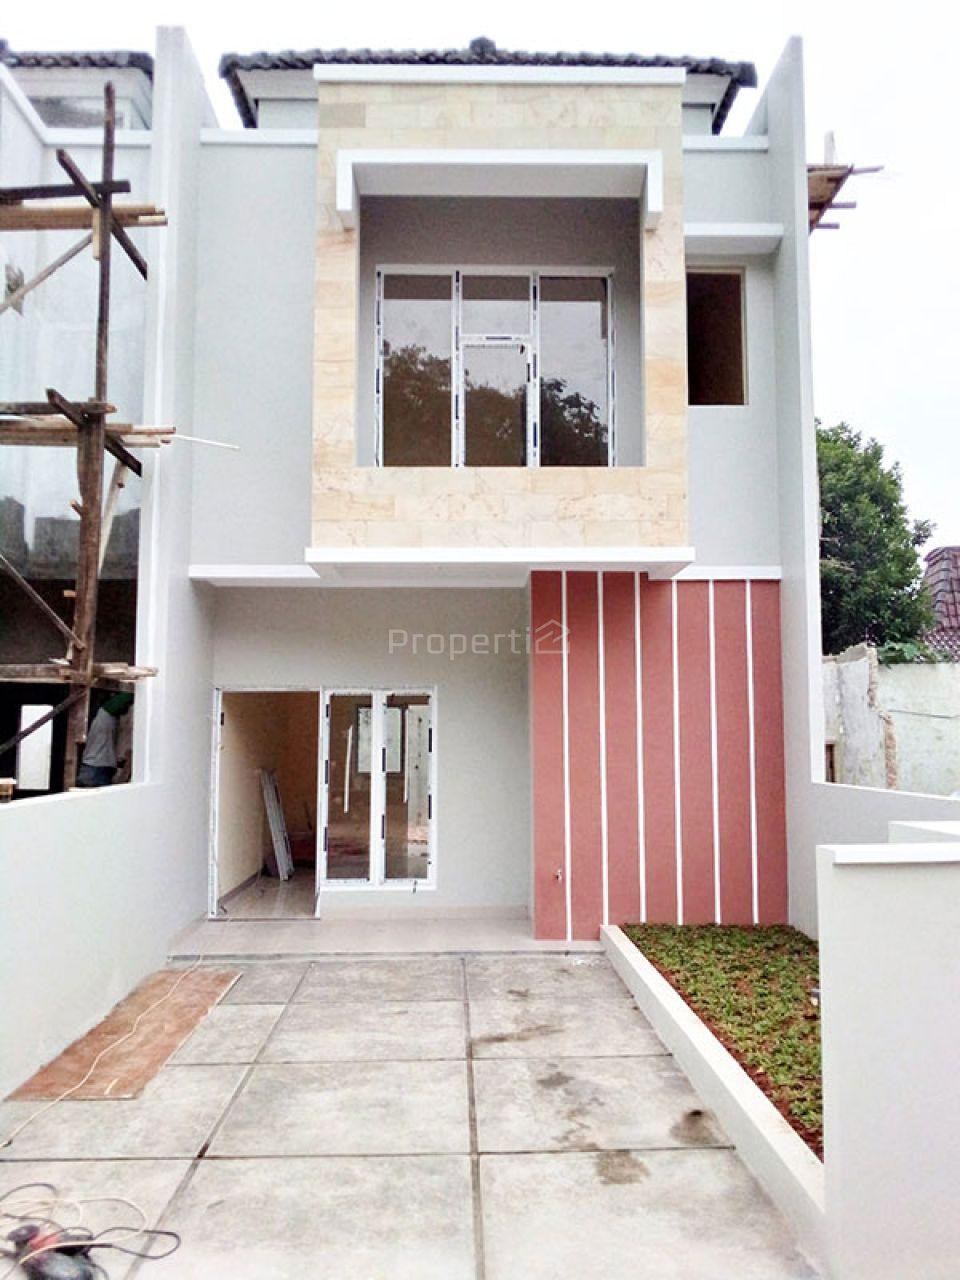 New House at Jl. Wibawa Mukti II, Bekasi City, Jawa Barat